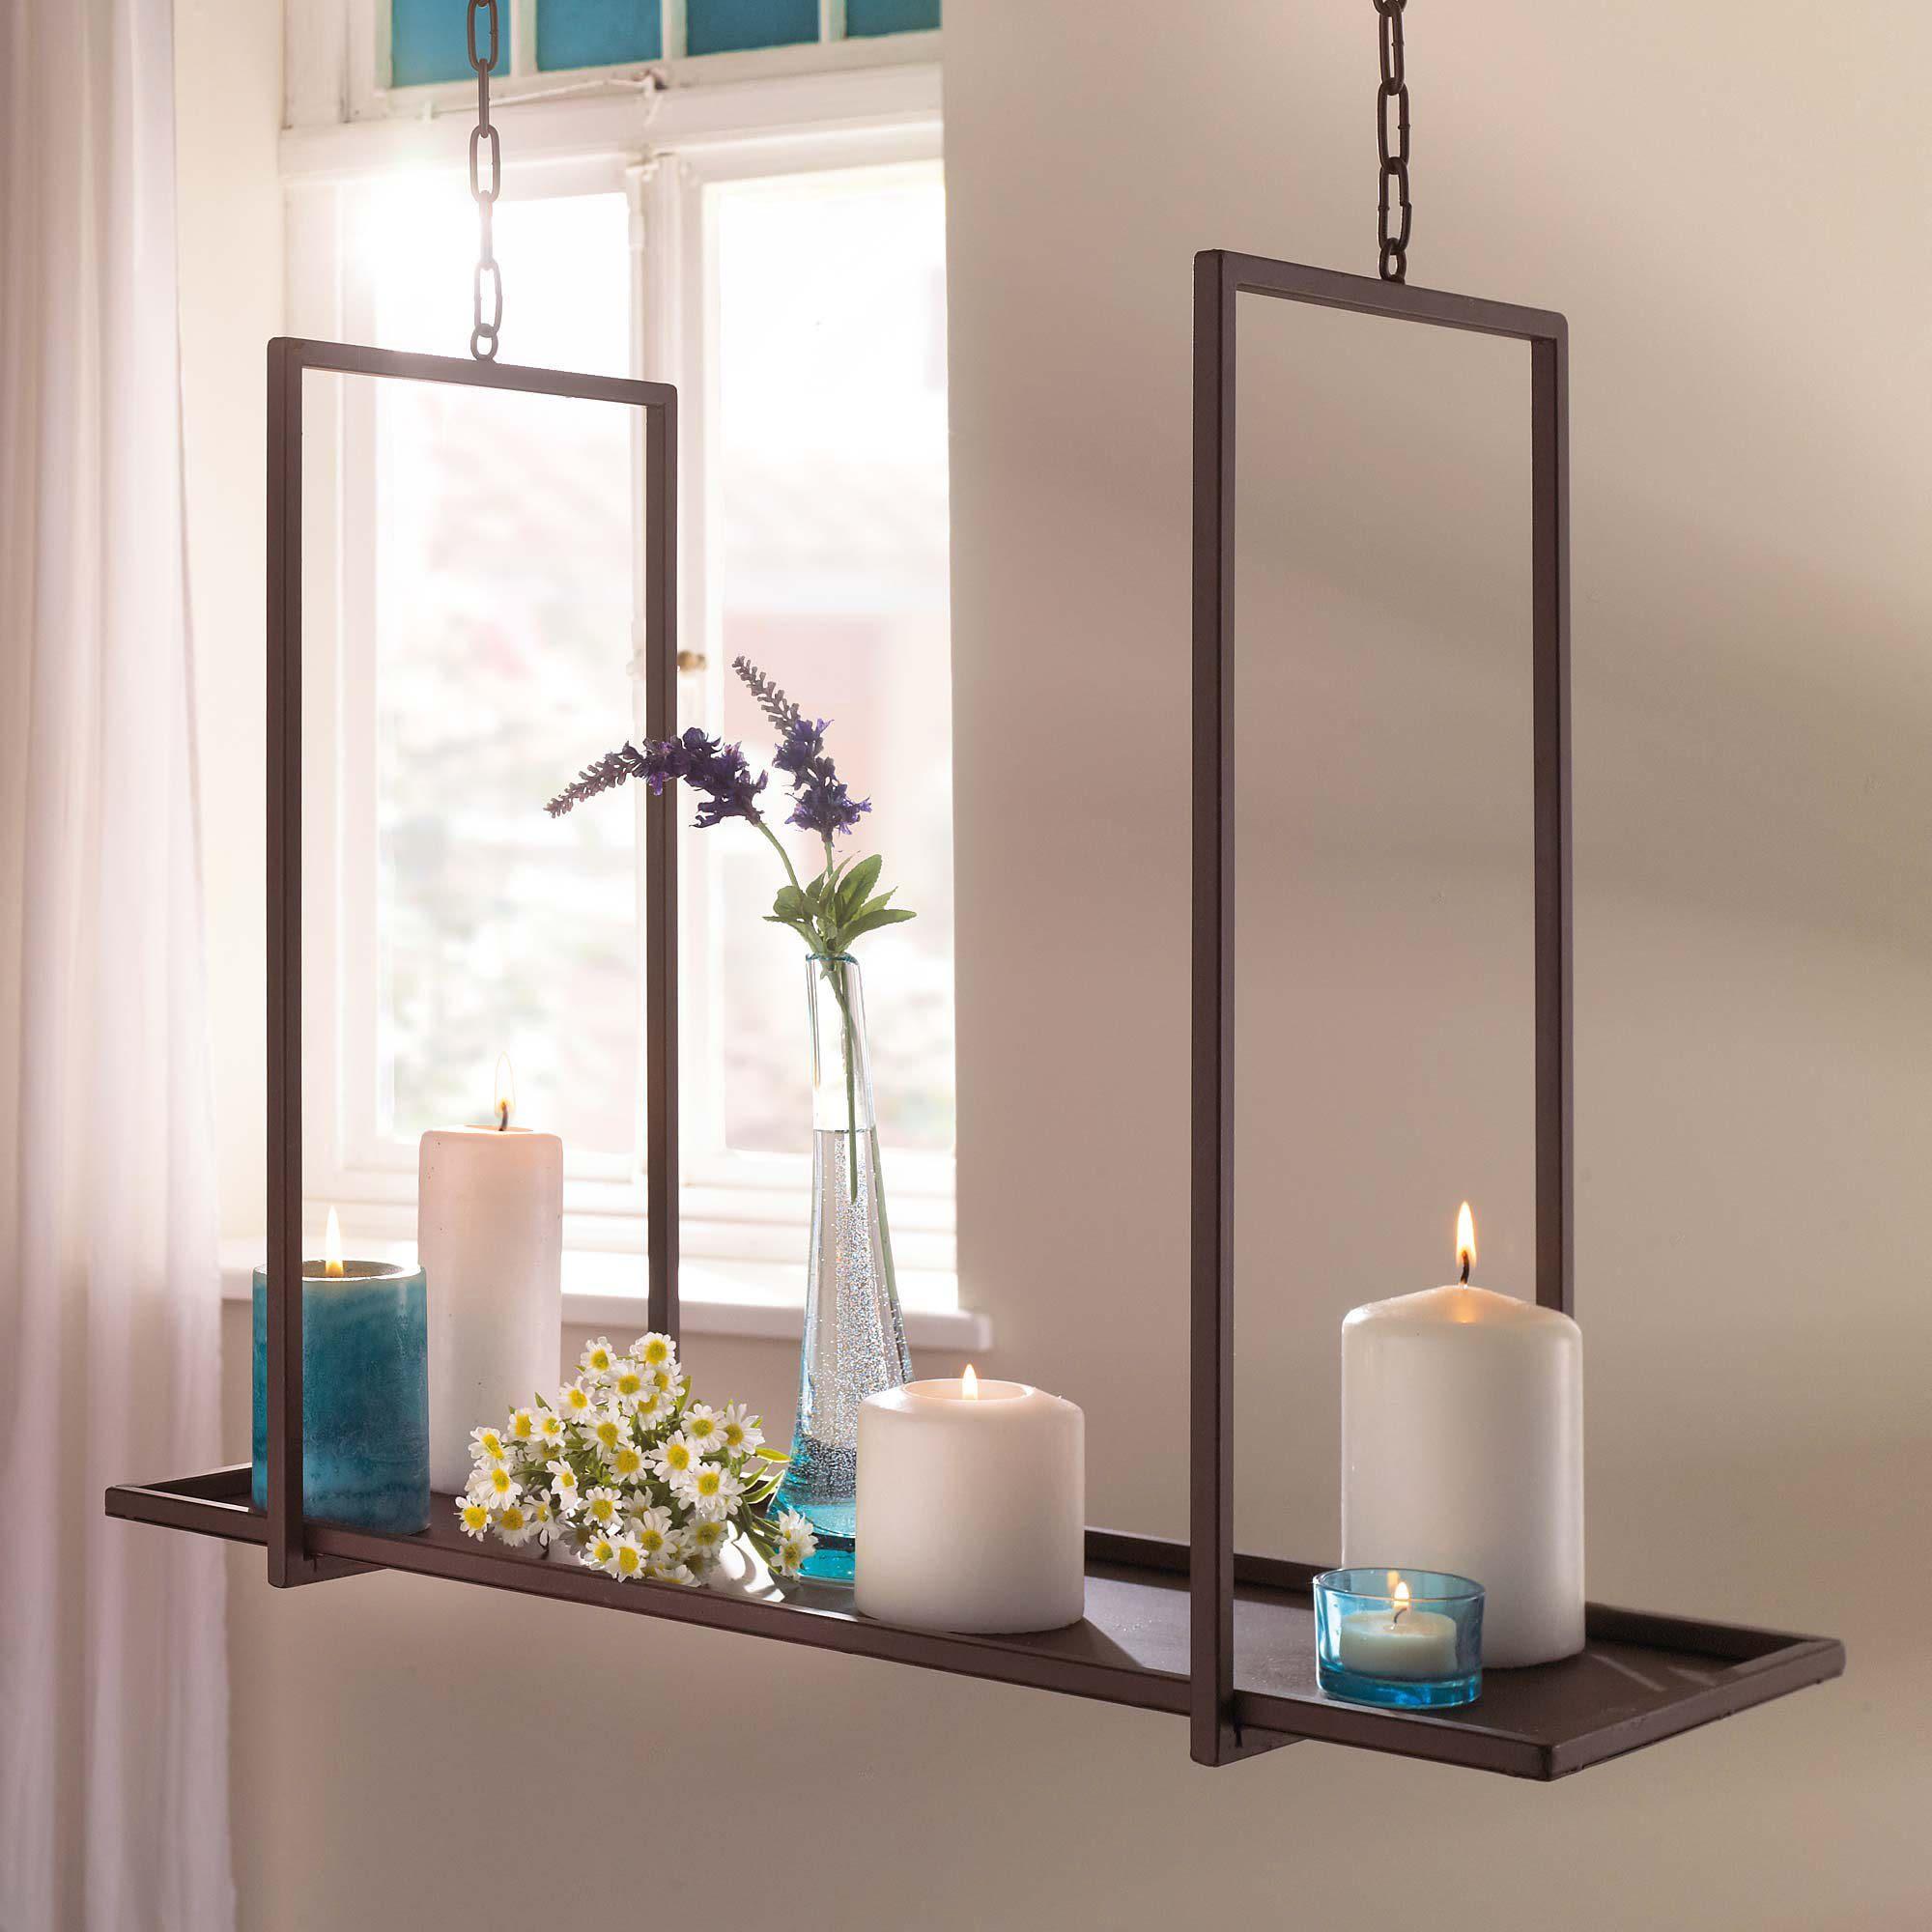 kerzentablett zum h ngen kerzenschale h ngeschale kerzen ebay. Black Bedroom Furniture Sets. Home Design Ideas